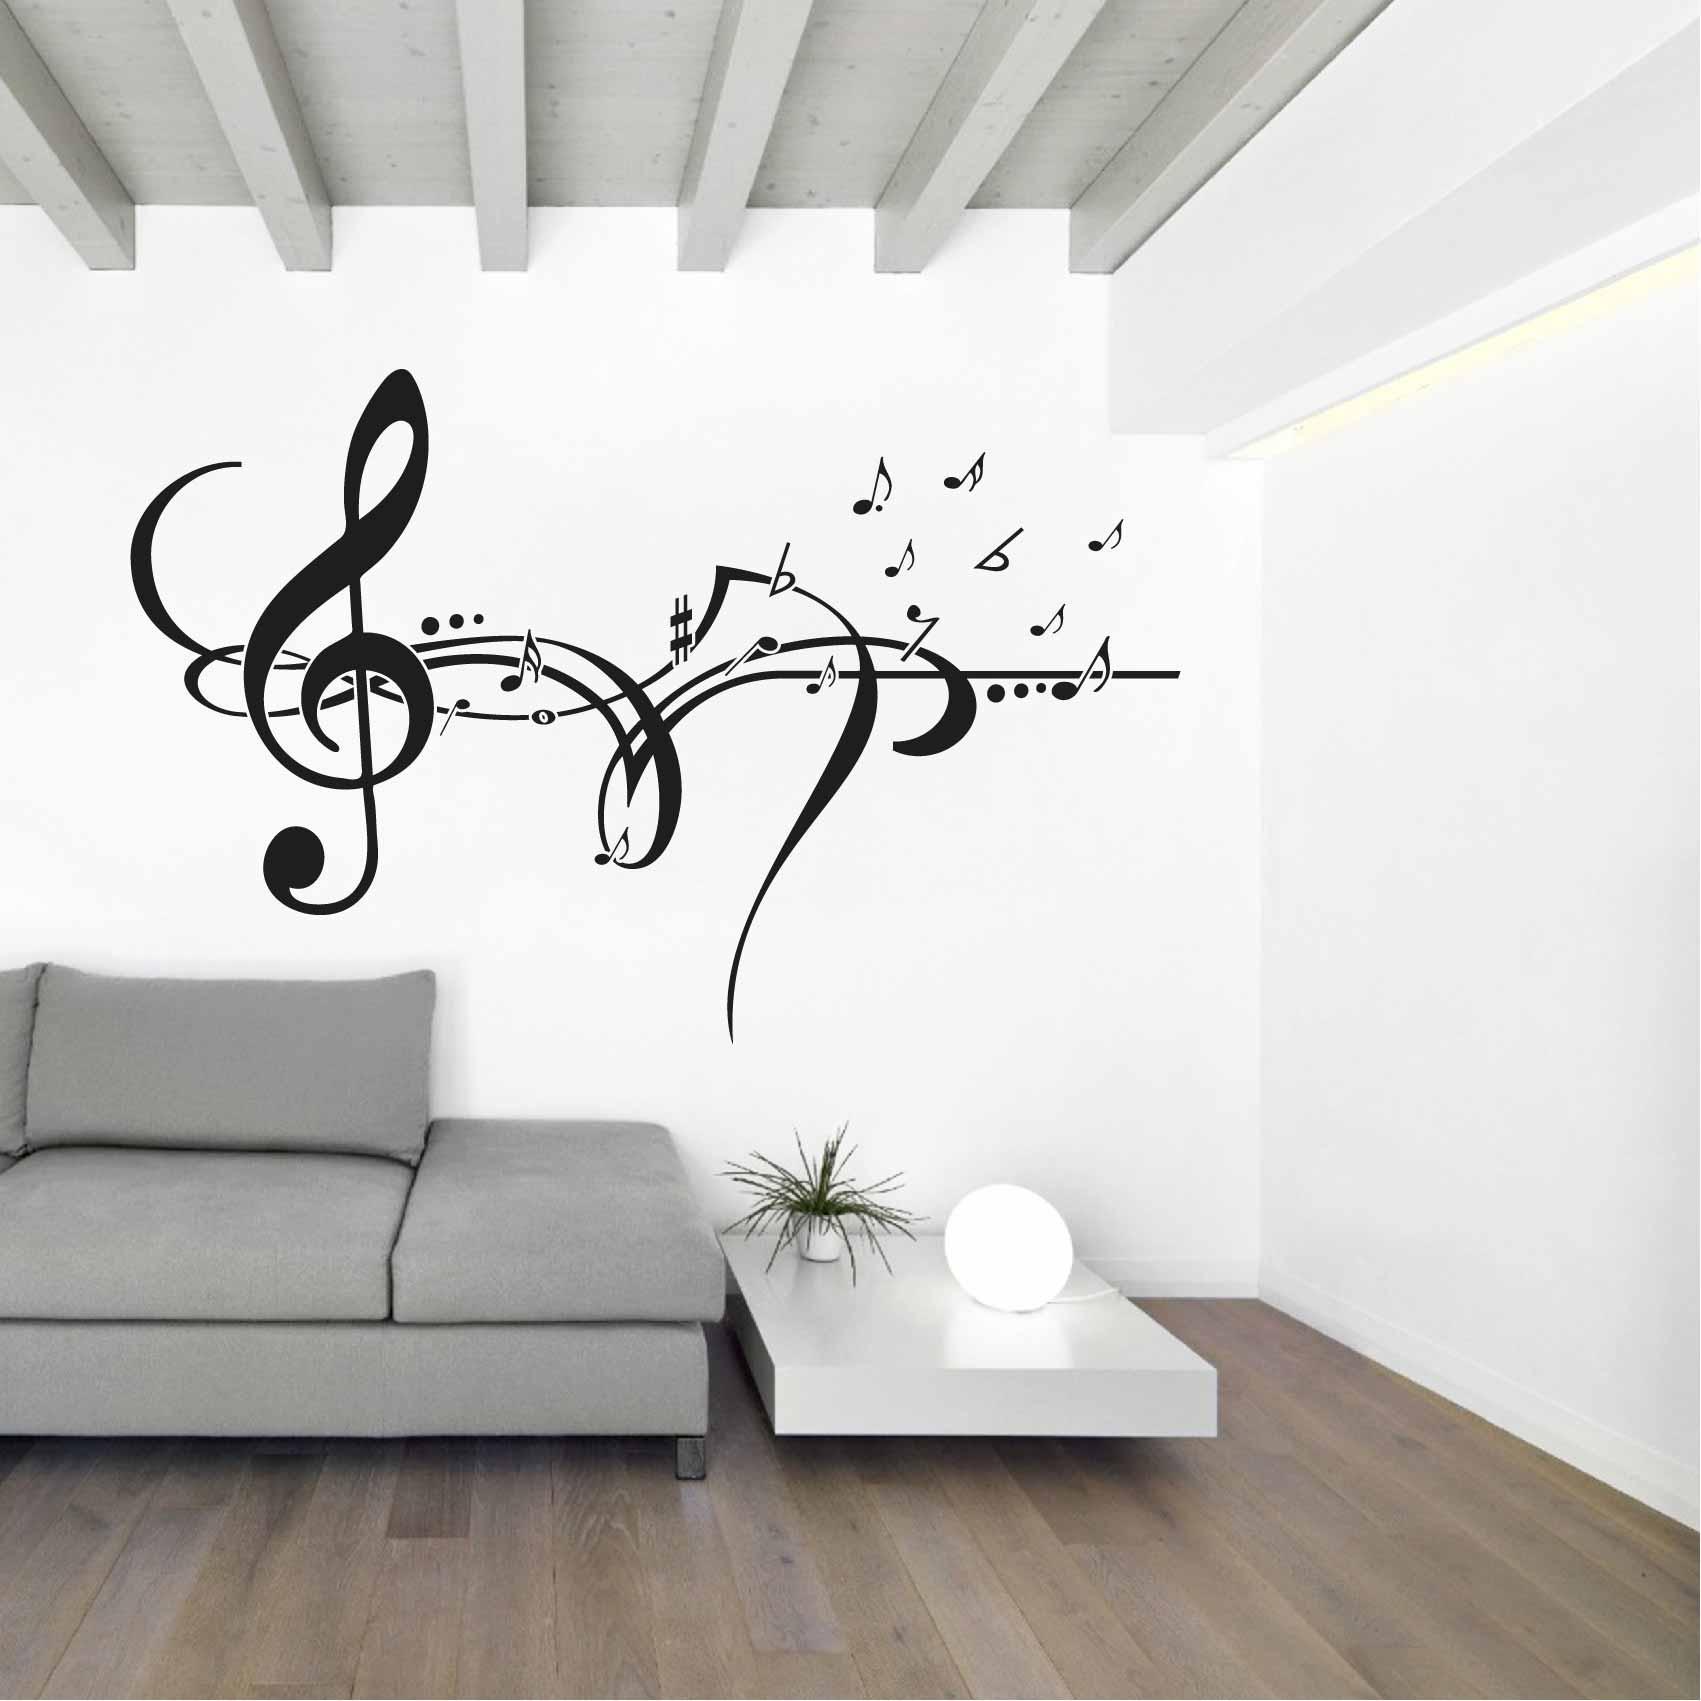 Stickers Cle De Sol Musique Autocollant Muraux Et Deco